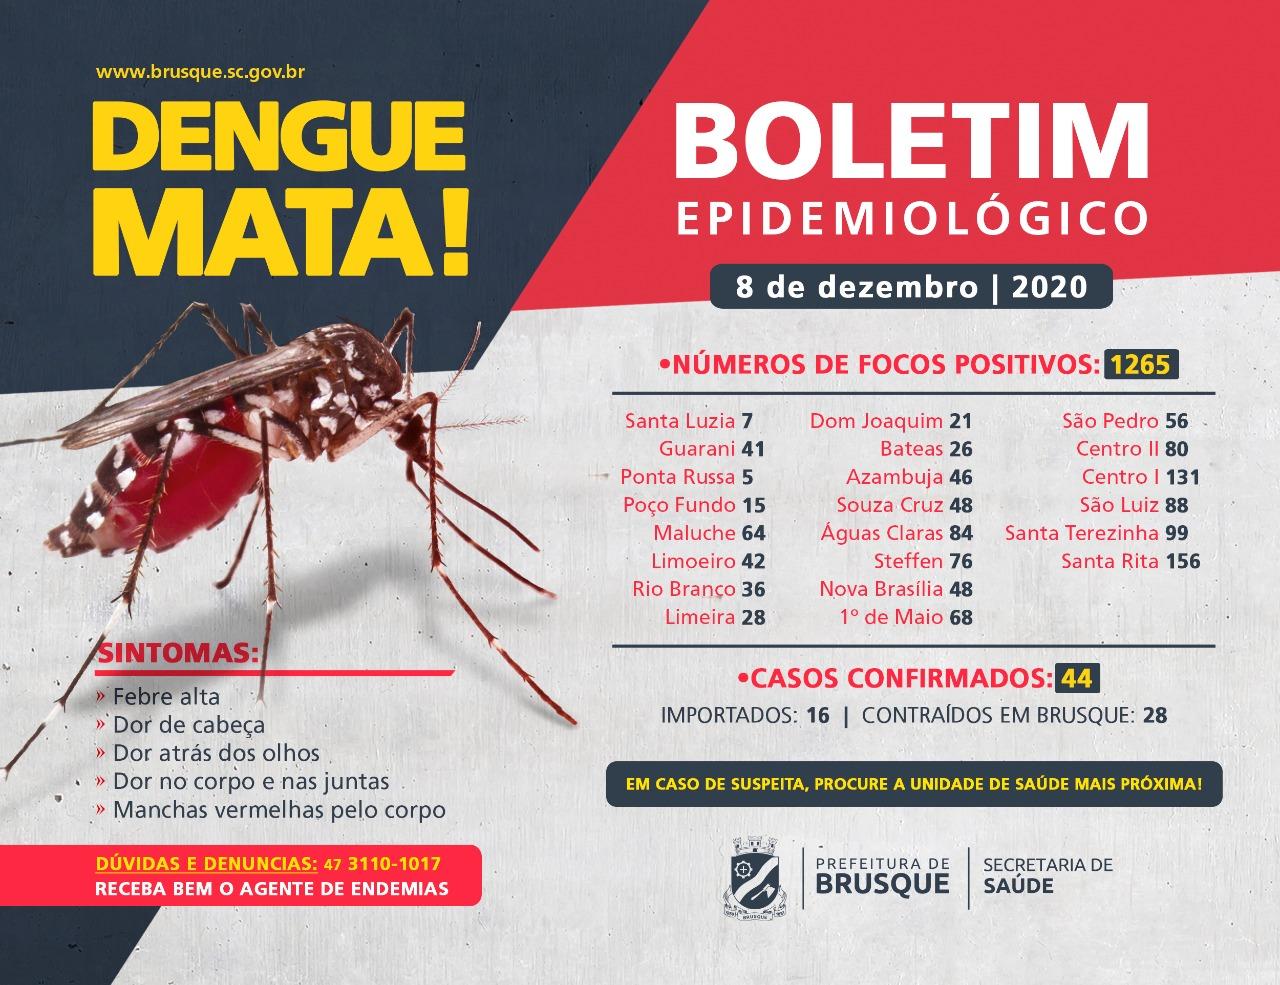 Confira o boletim epidemiológico da dengue desta terça-feira (08)